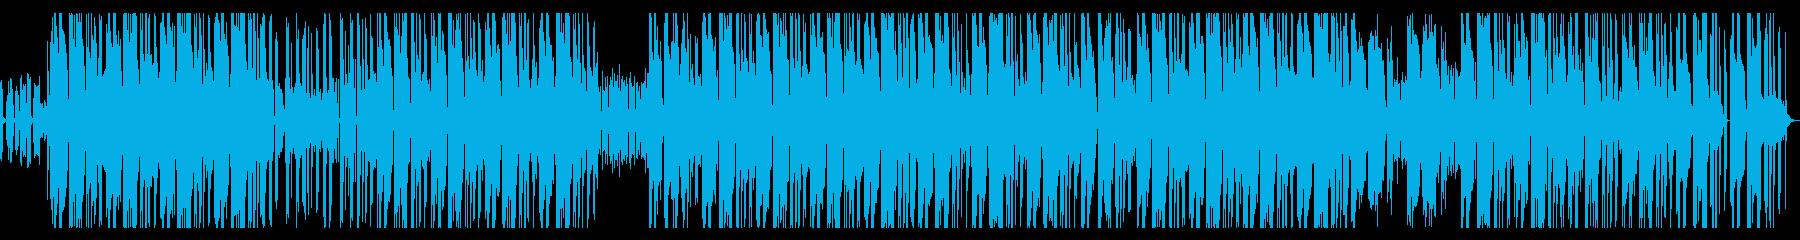 歪んだ質感のシンセ・エモ・ヒップホップの再生済みの波形